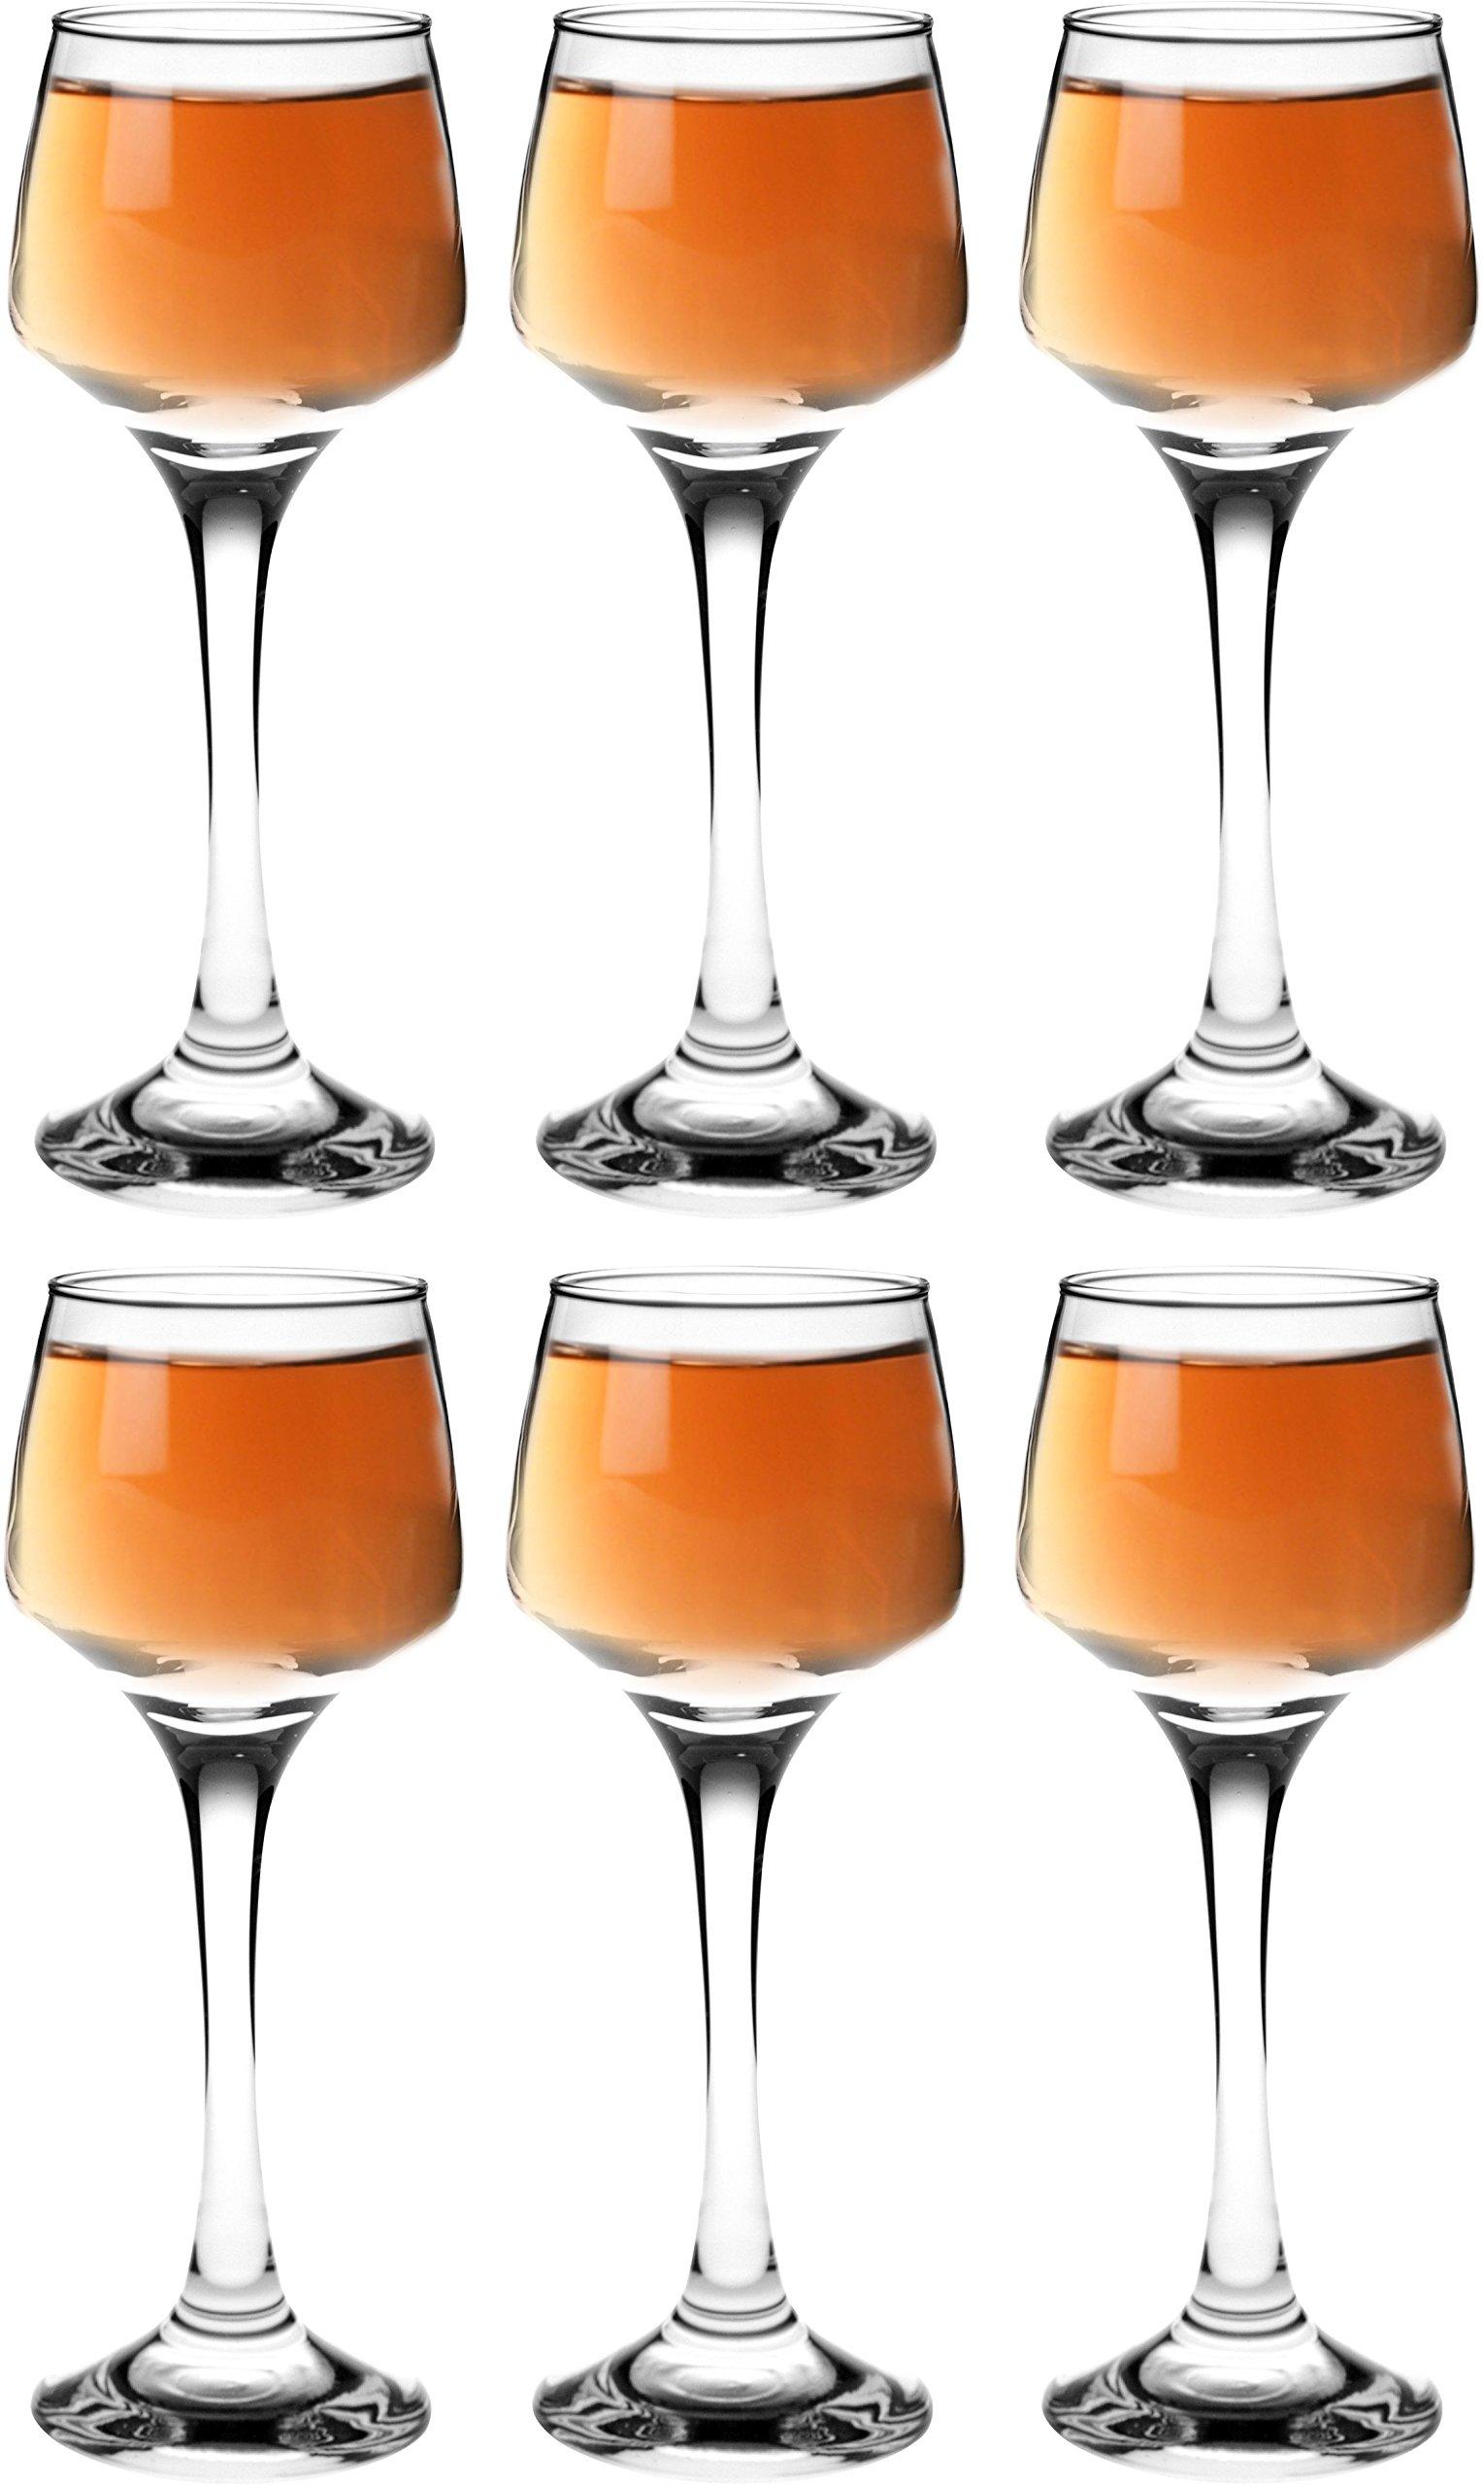 Argon Tableware Sherry / Liqueur Glasses - 80ml (2.8oz) - Gift Box Of 6